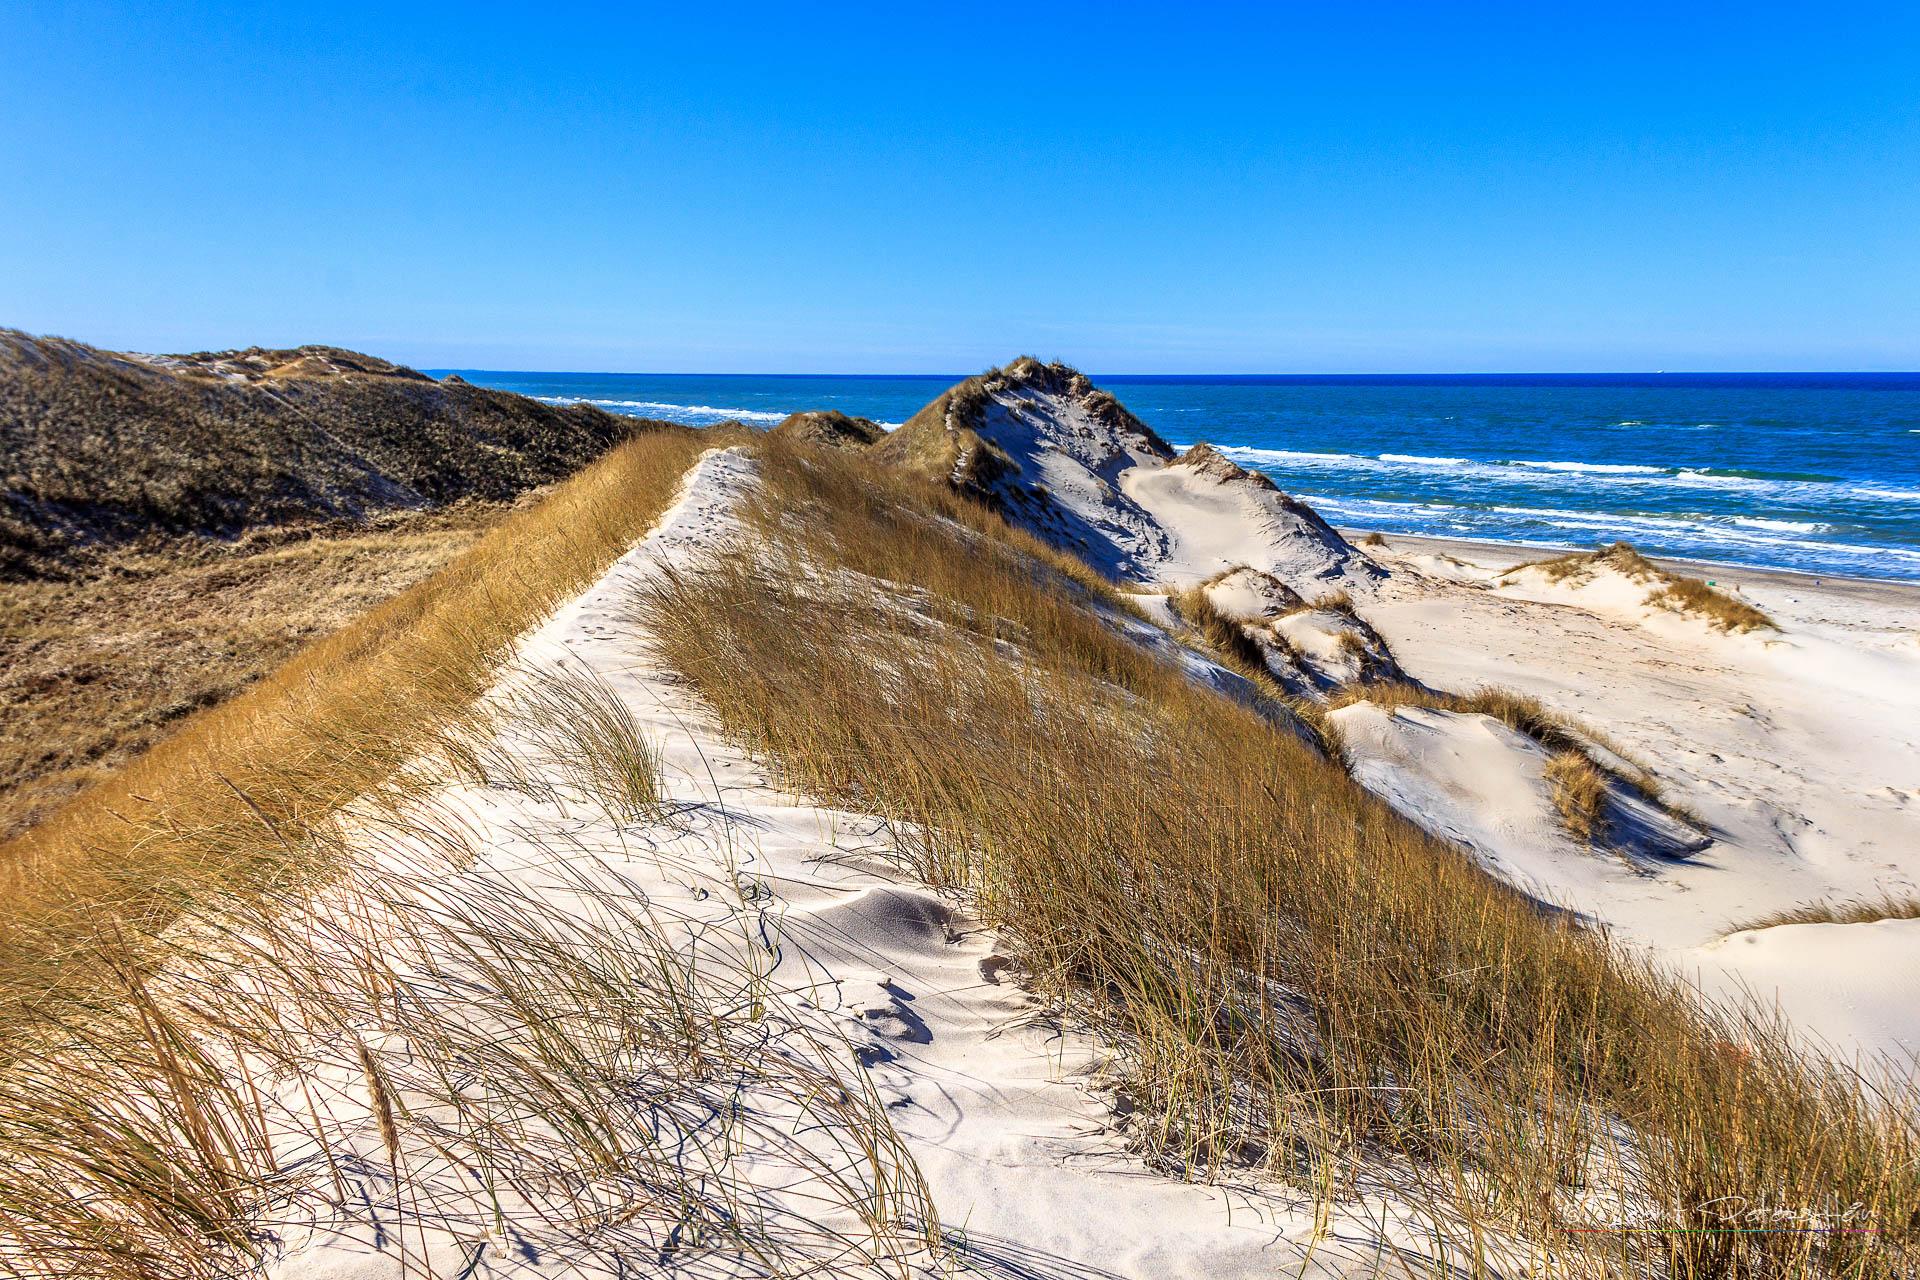 Dunes at Skagen, Denmark